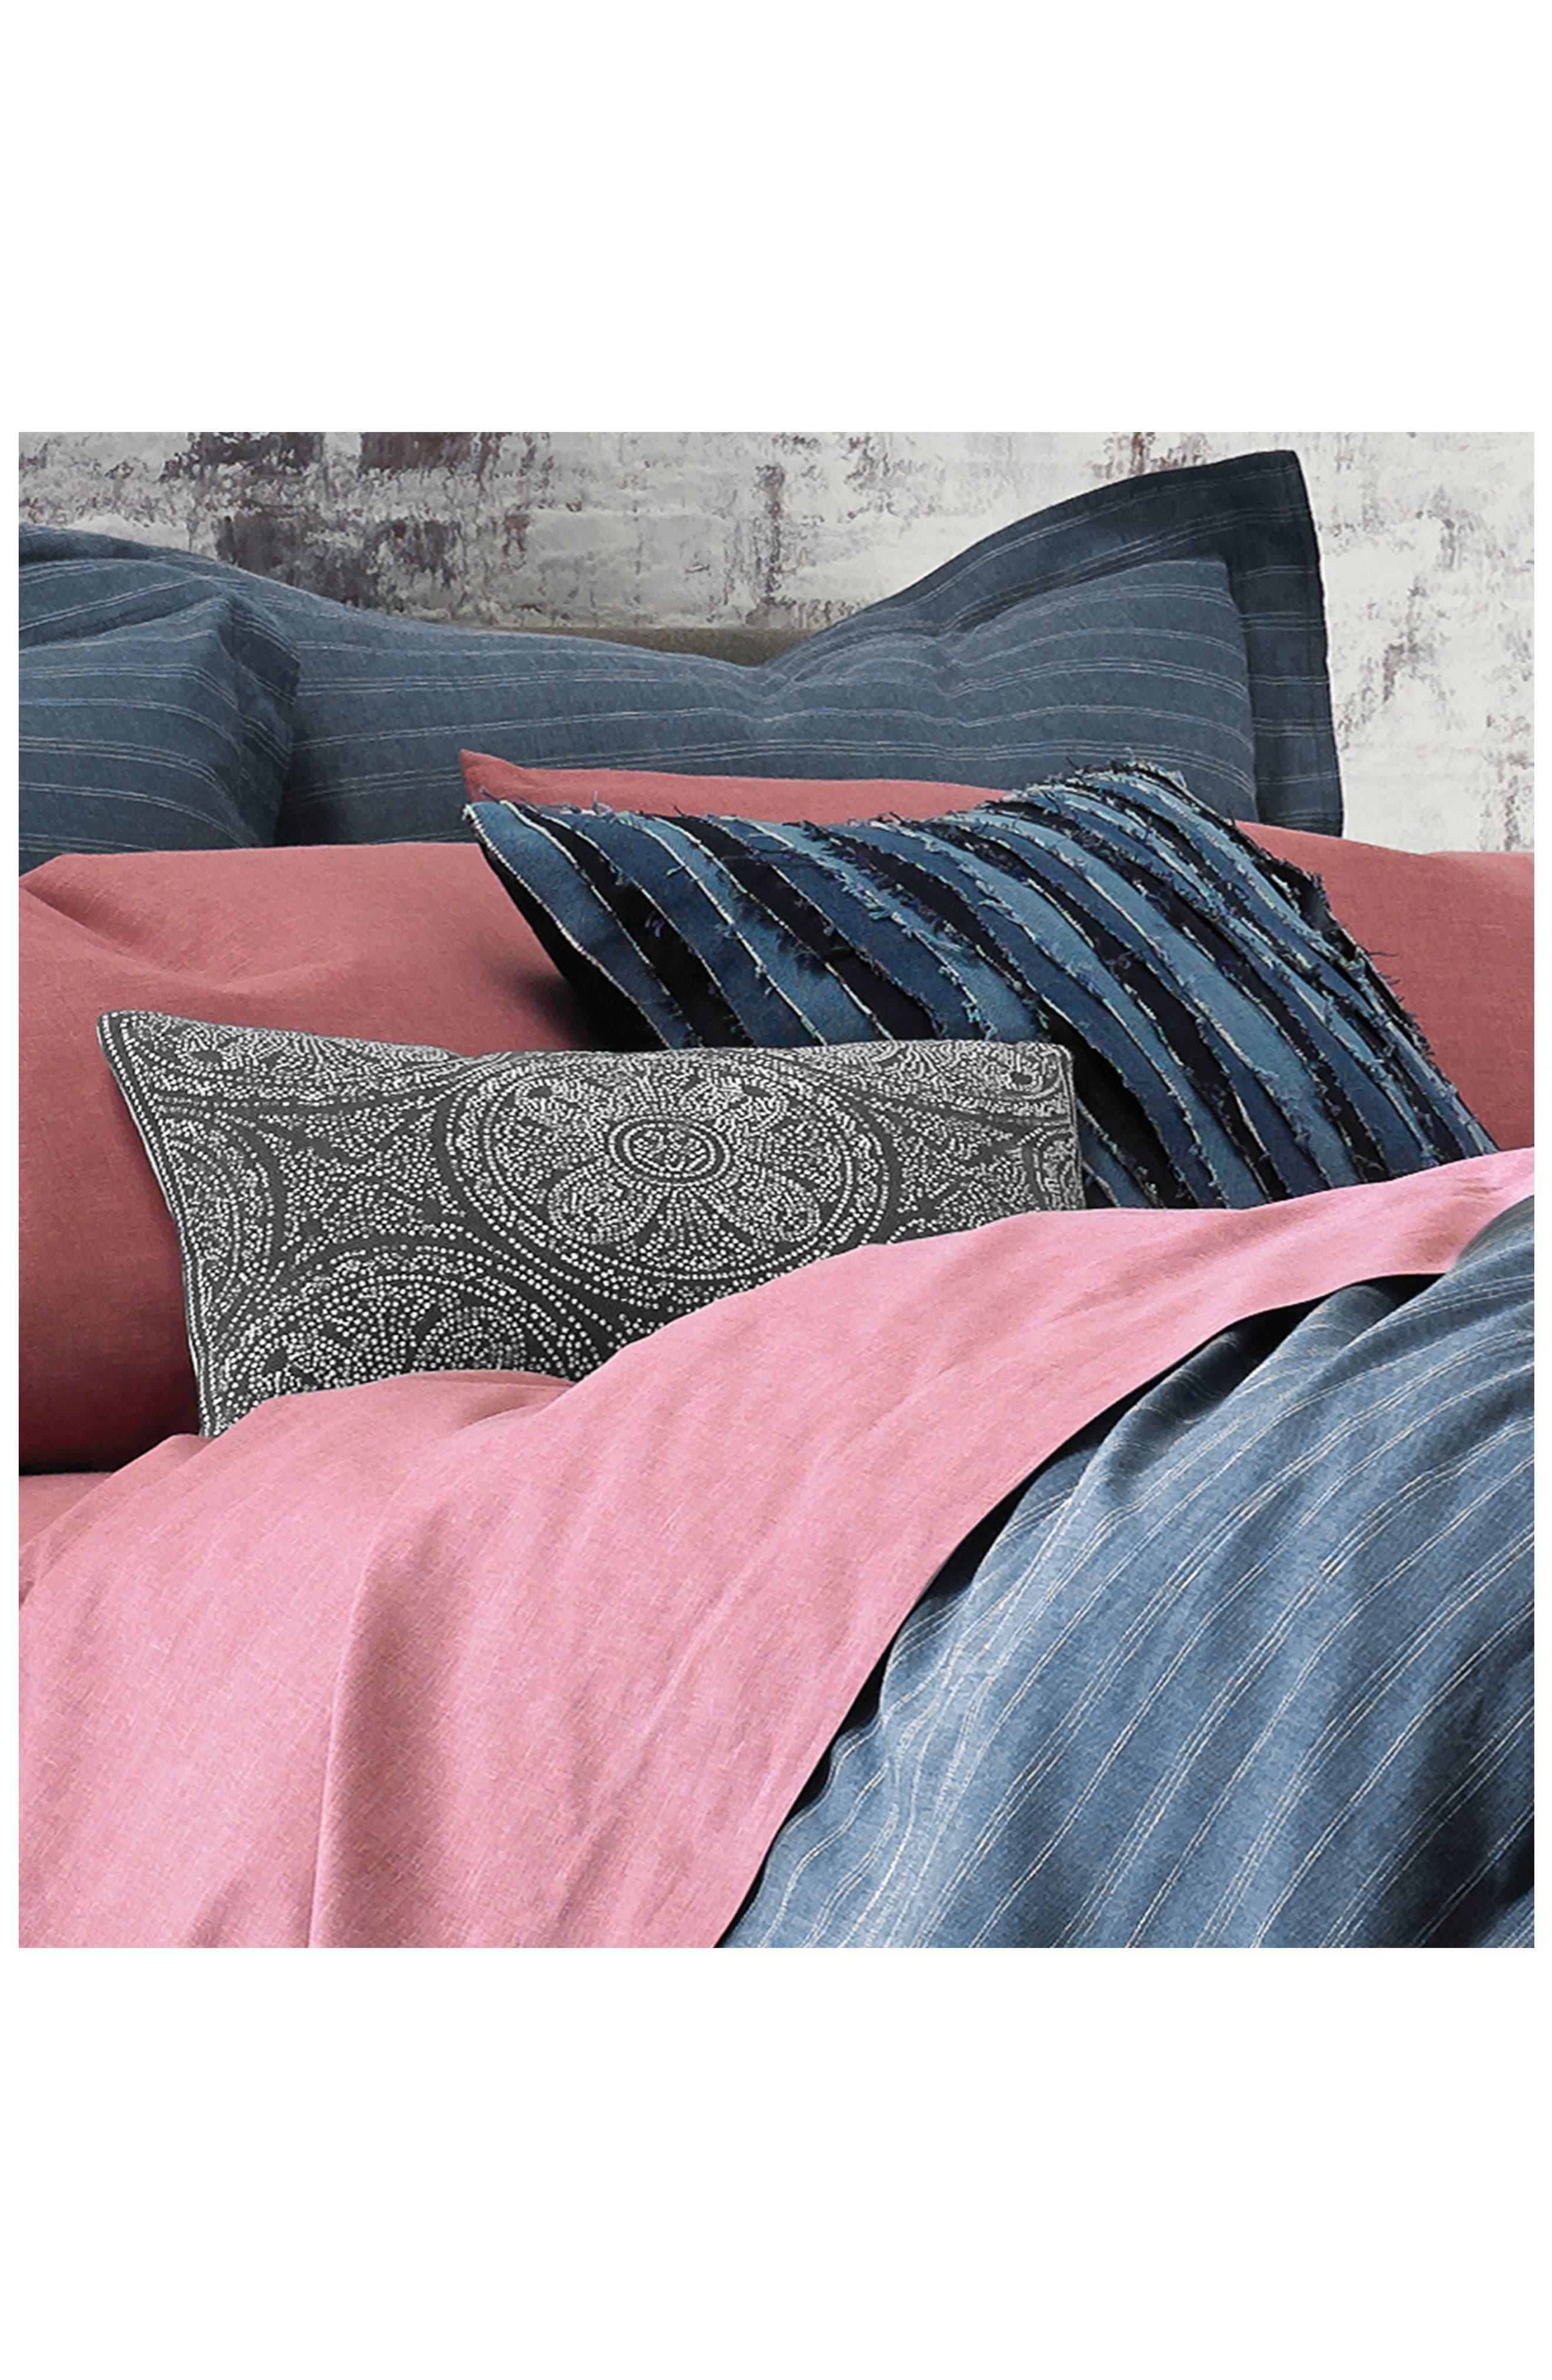 Destroyed Denim Accent Pillow,                             Alternate thumbnail 3, color,                             409